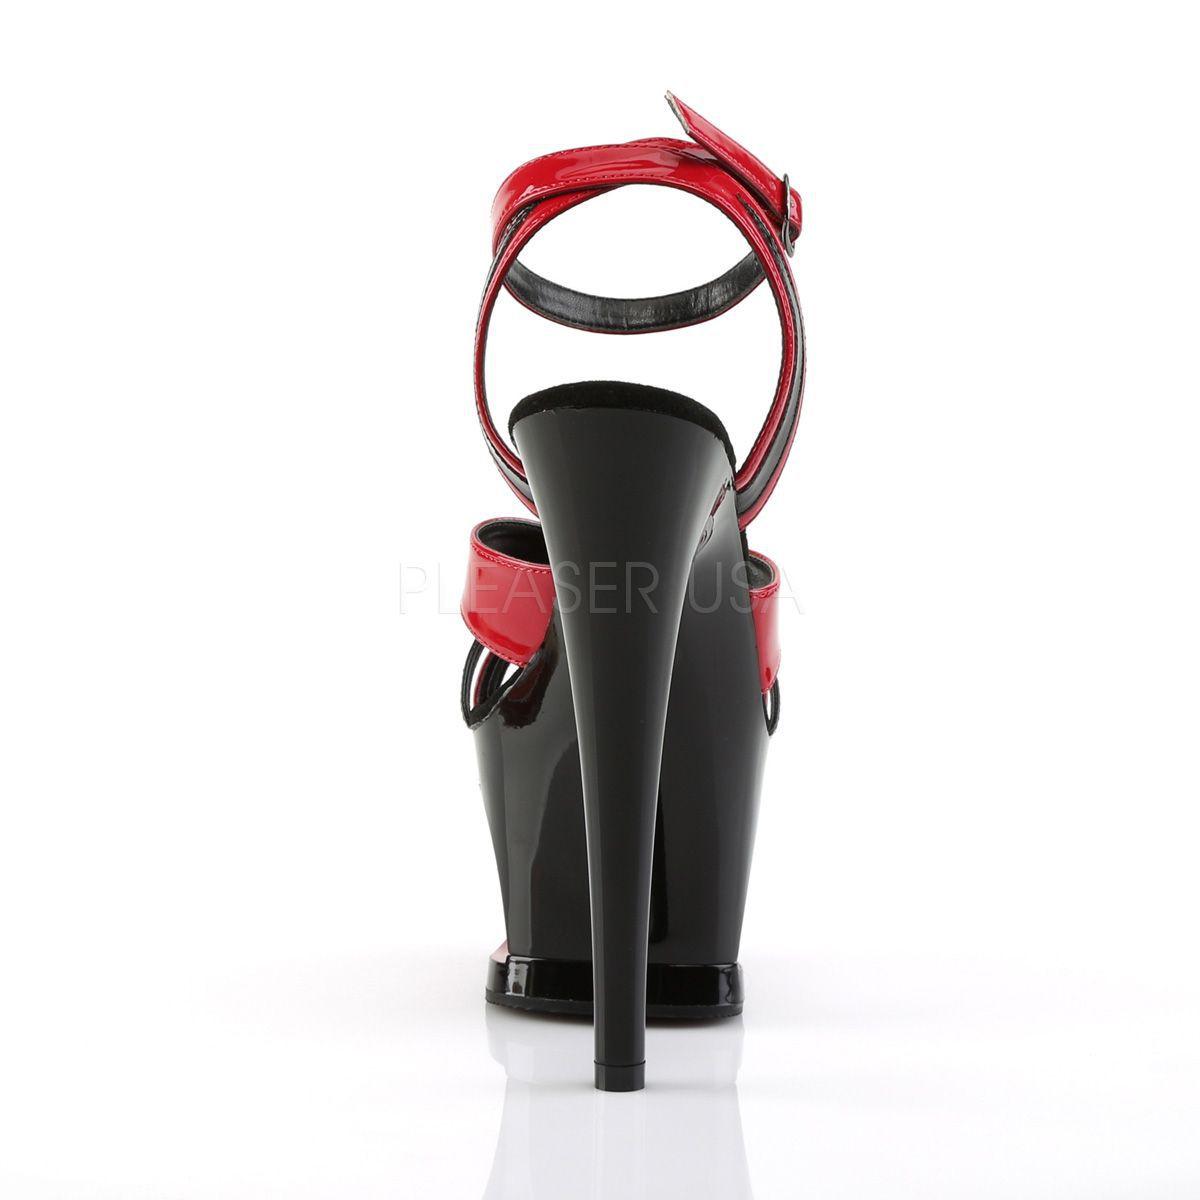 Sandalias Pleaser de Pole Dance en 2 tonos y plataforma de media luna 557234843bca